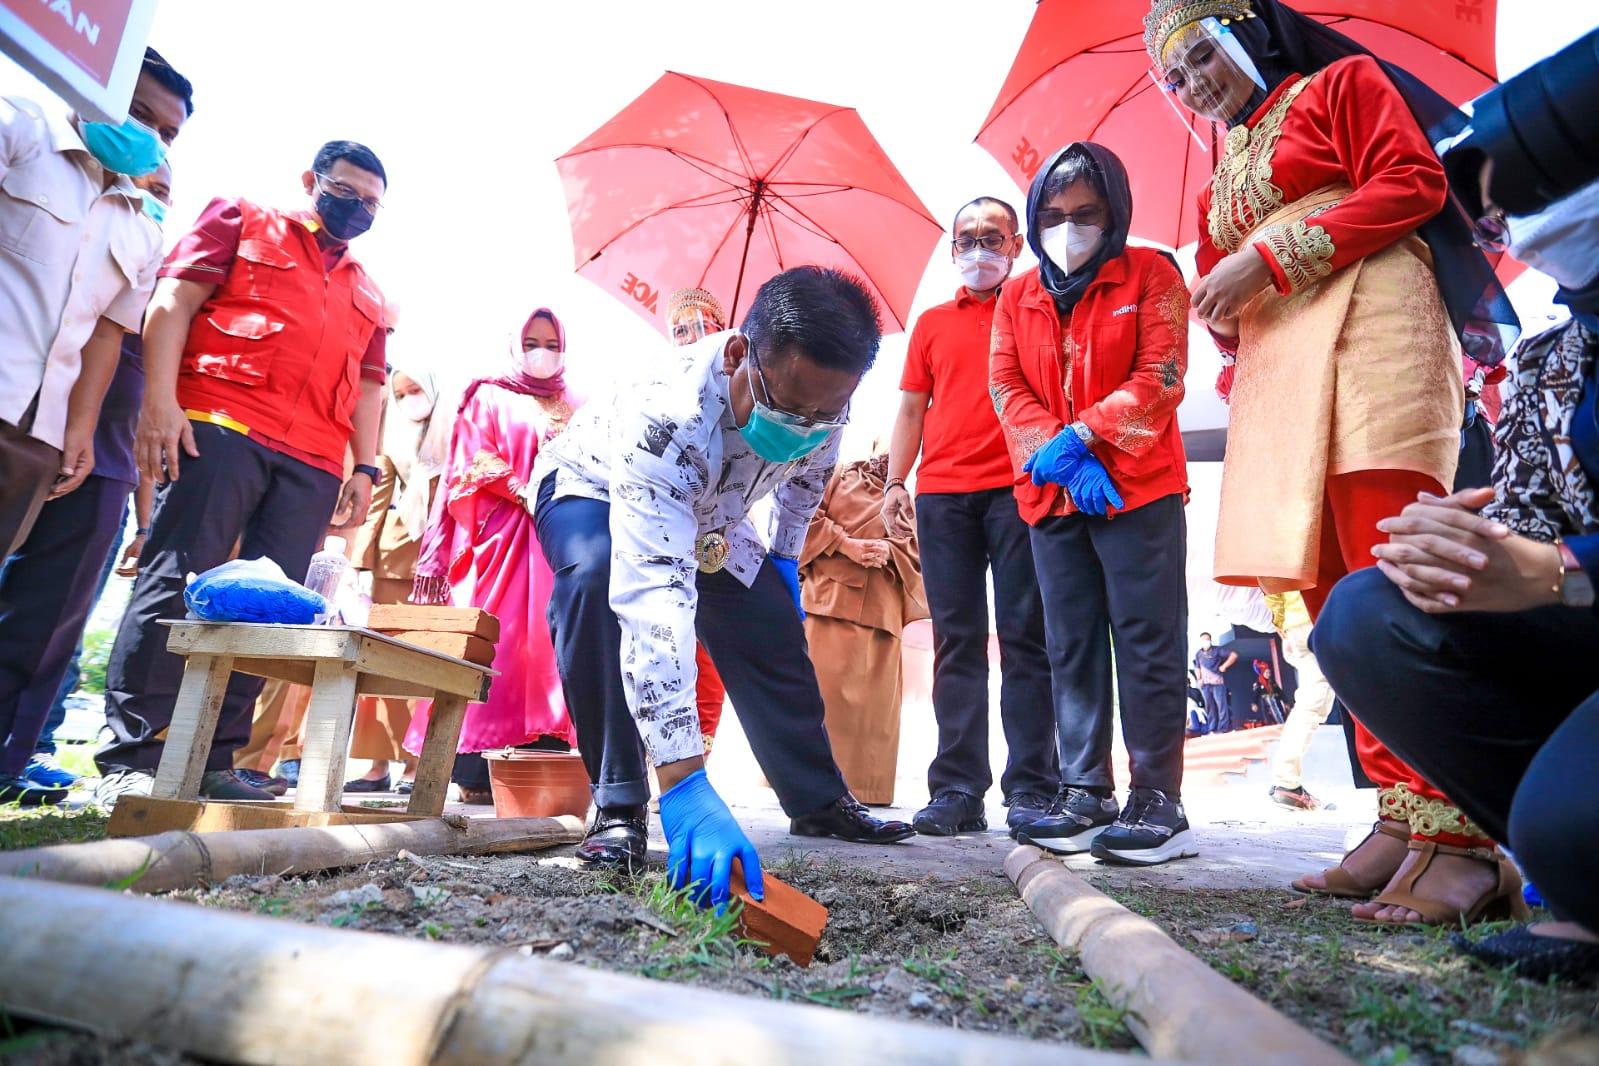 Wali Kota Resmikan Wifi Corner Indihome Telkom Se Aceh